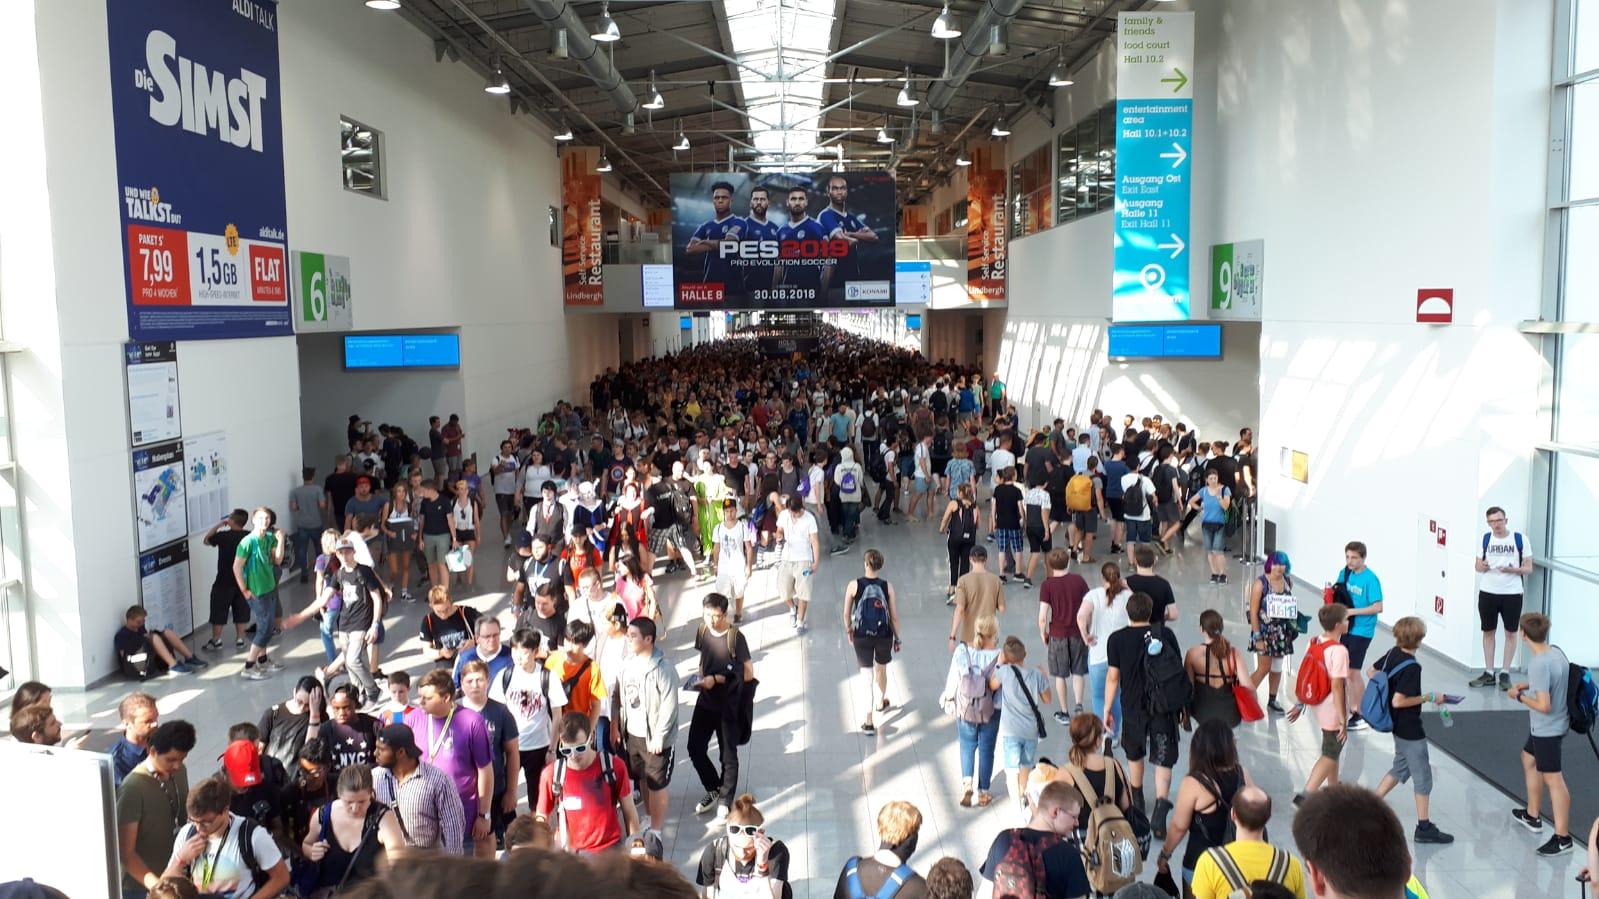 Pickymagazine Gamescom 2018 Eine Reise in eine Parallelwelt